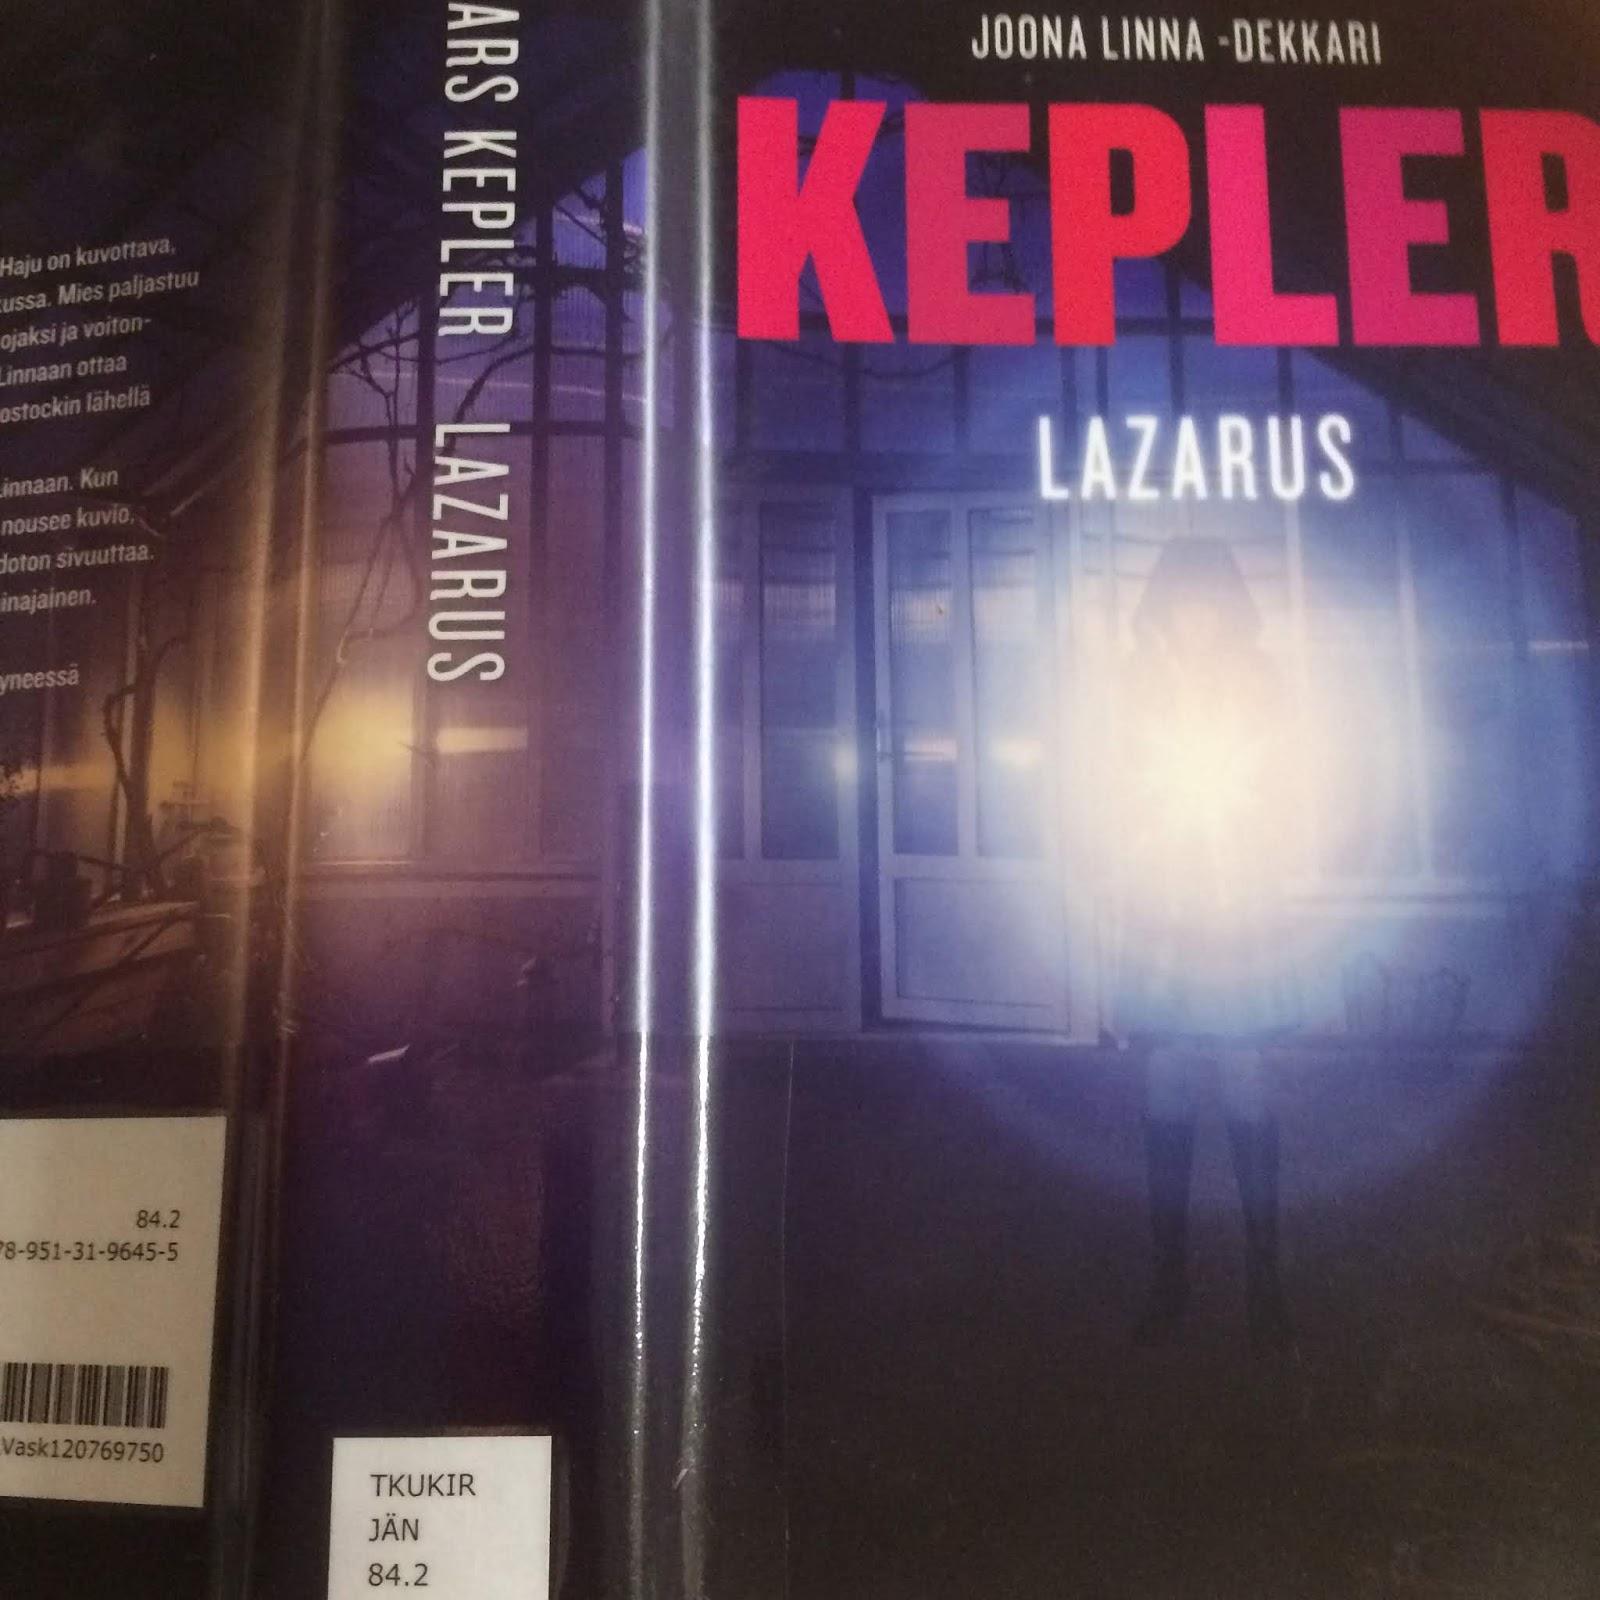 Lars Kepler Kirjat